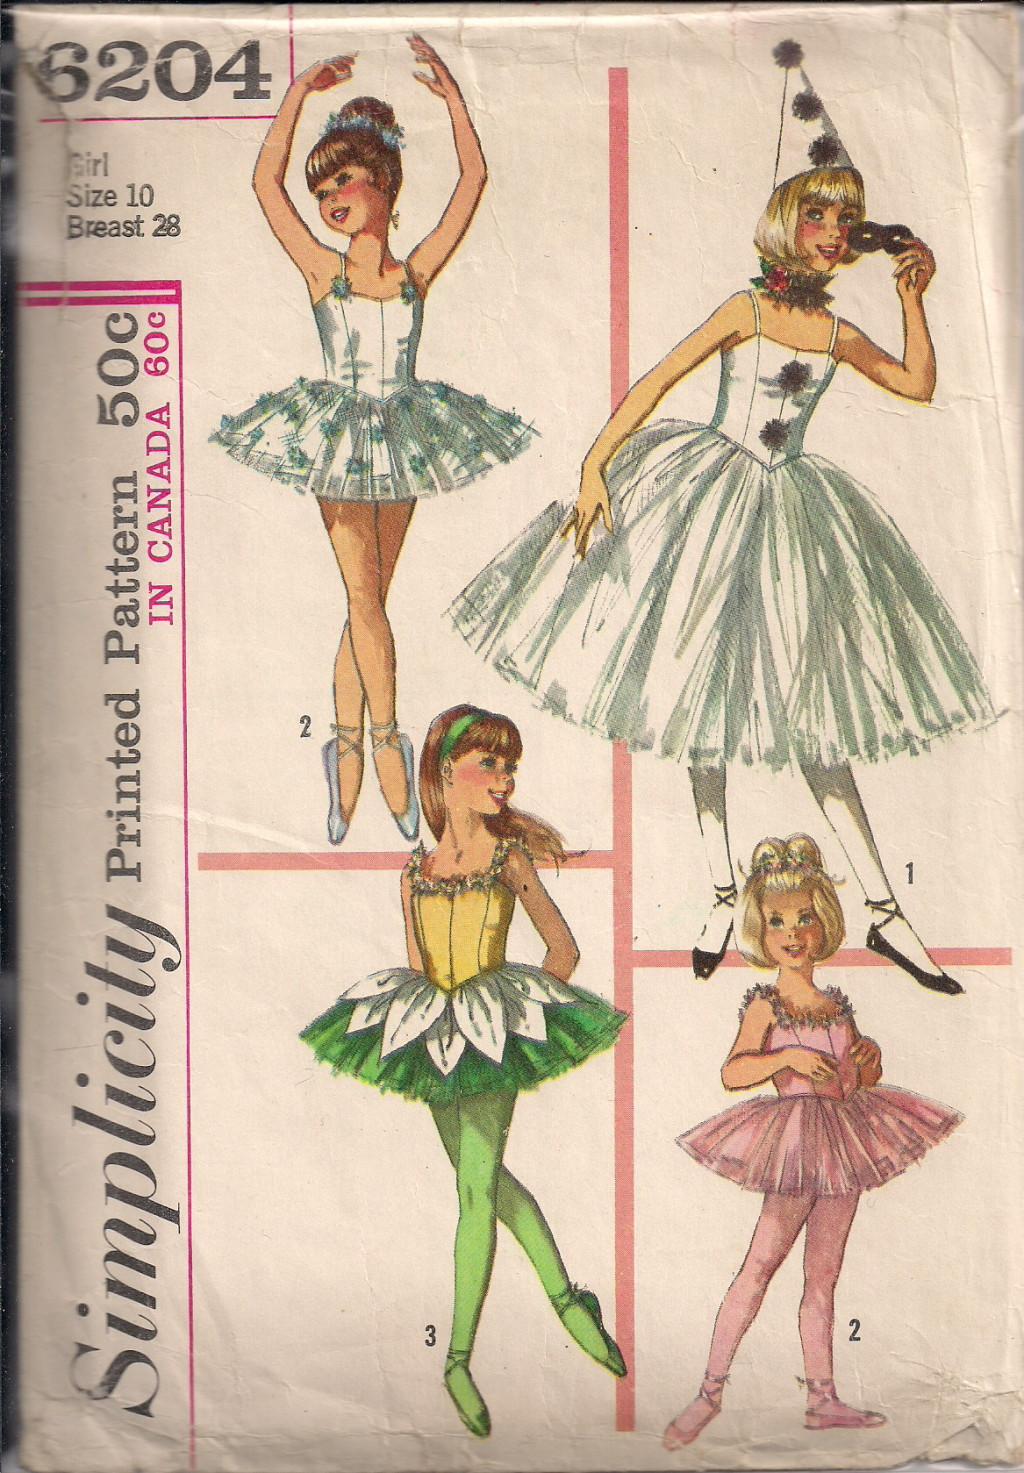 Vintage Ballet Costume 32